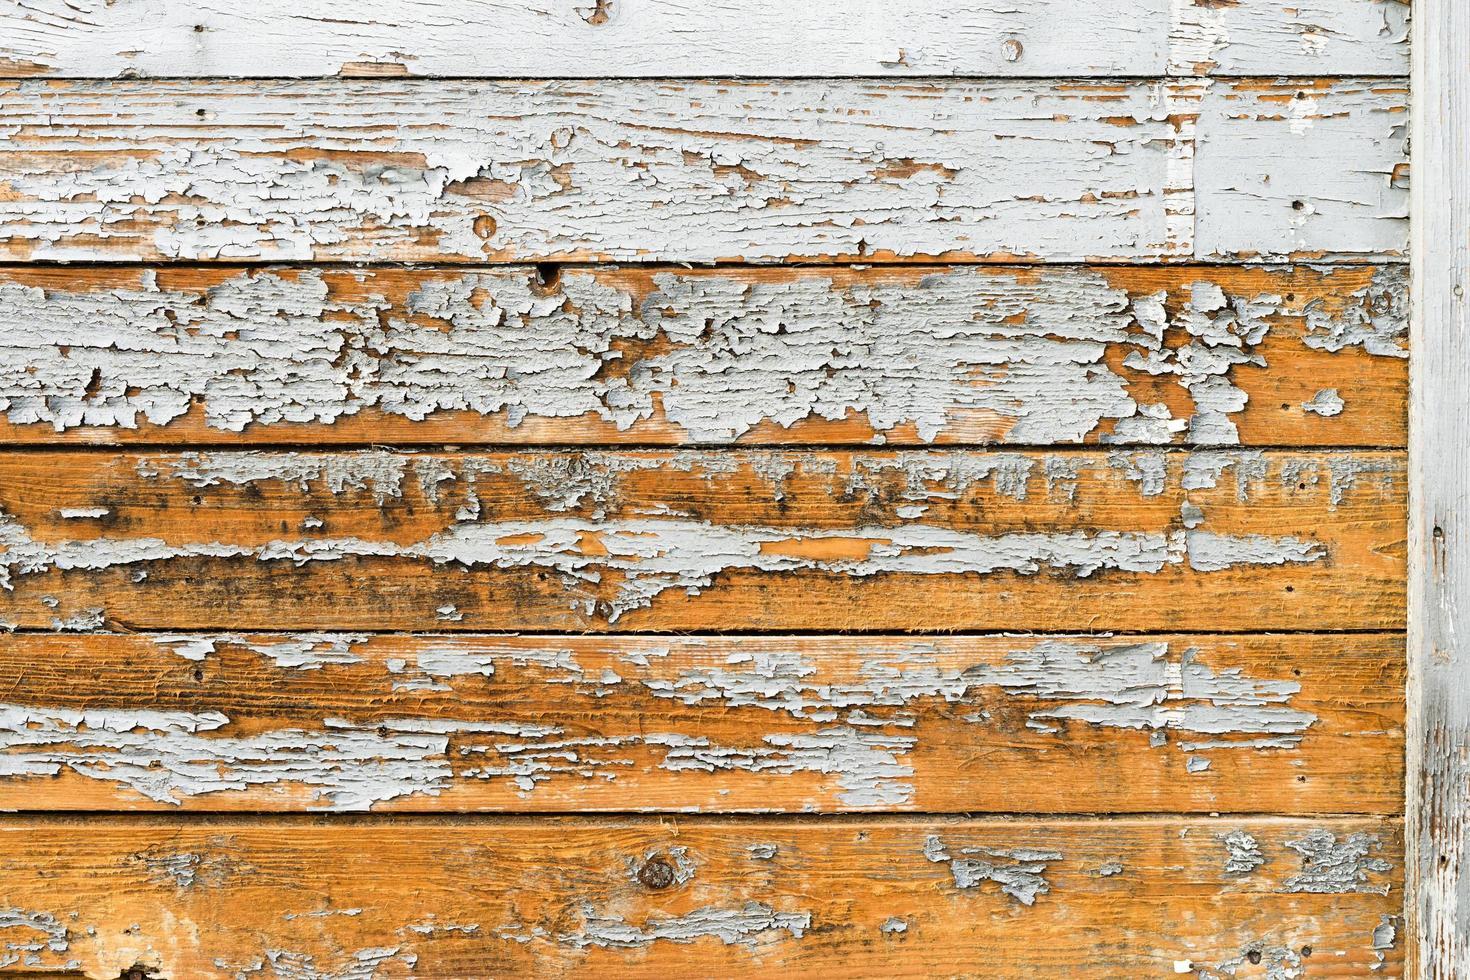 oude houten planken met gebarsten verf, draagpatroon foto